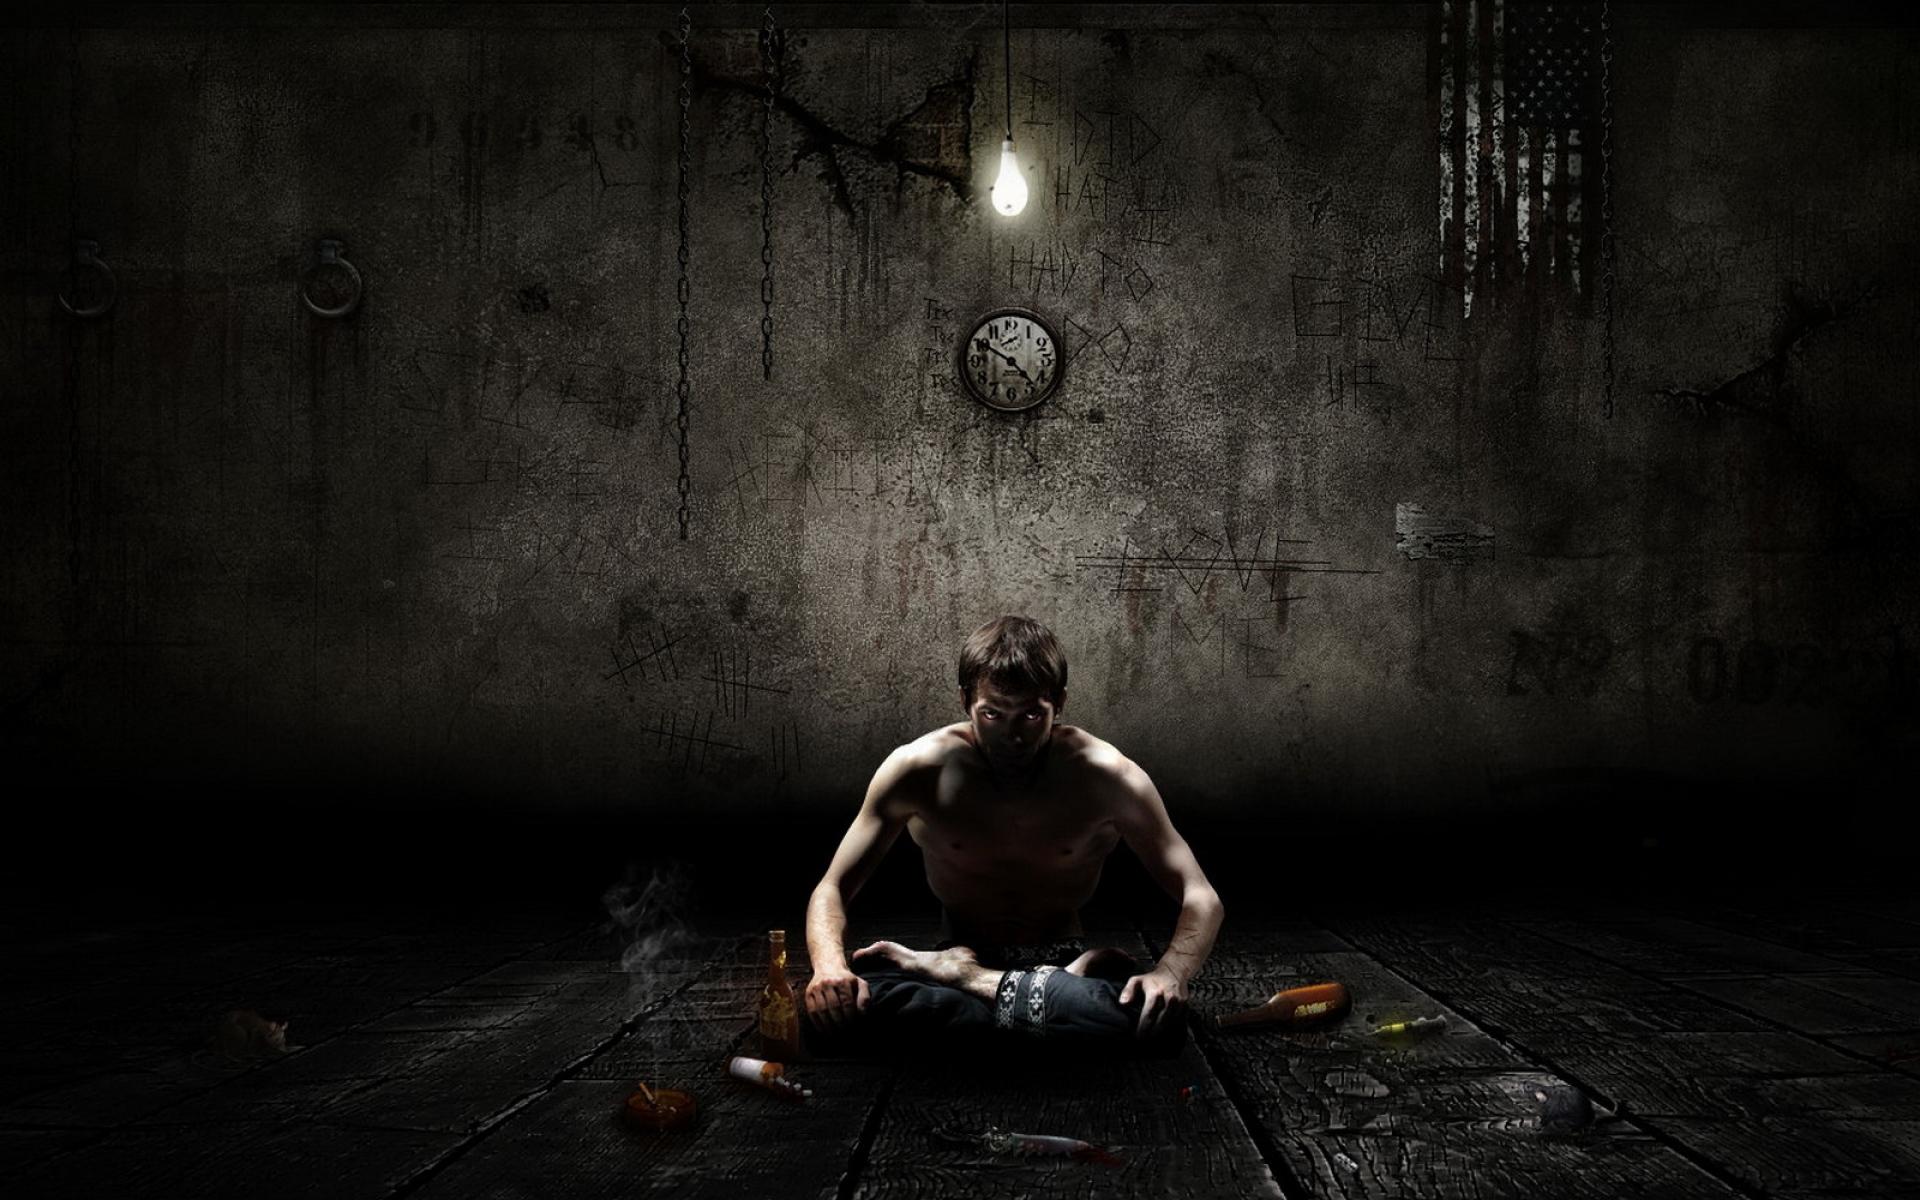 Картинки Человек, мальчик, медитация, одиночество фото и обои на рабочий стол